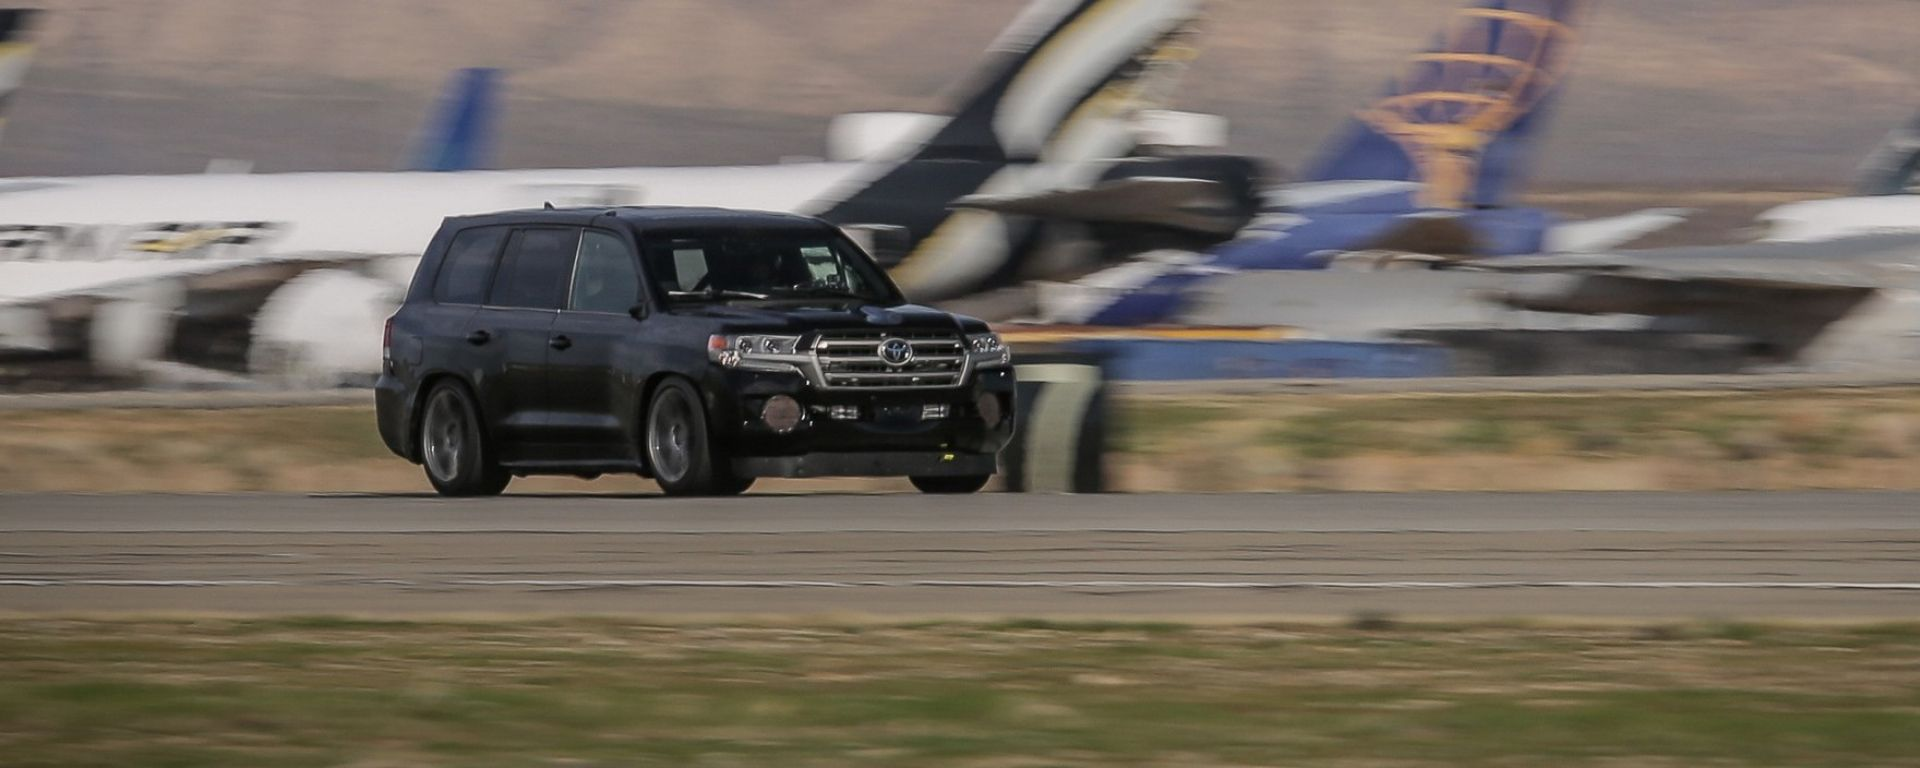 Toyota Land Cruiser si aggiudica il titolo di suv più potente del mondo